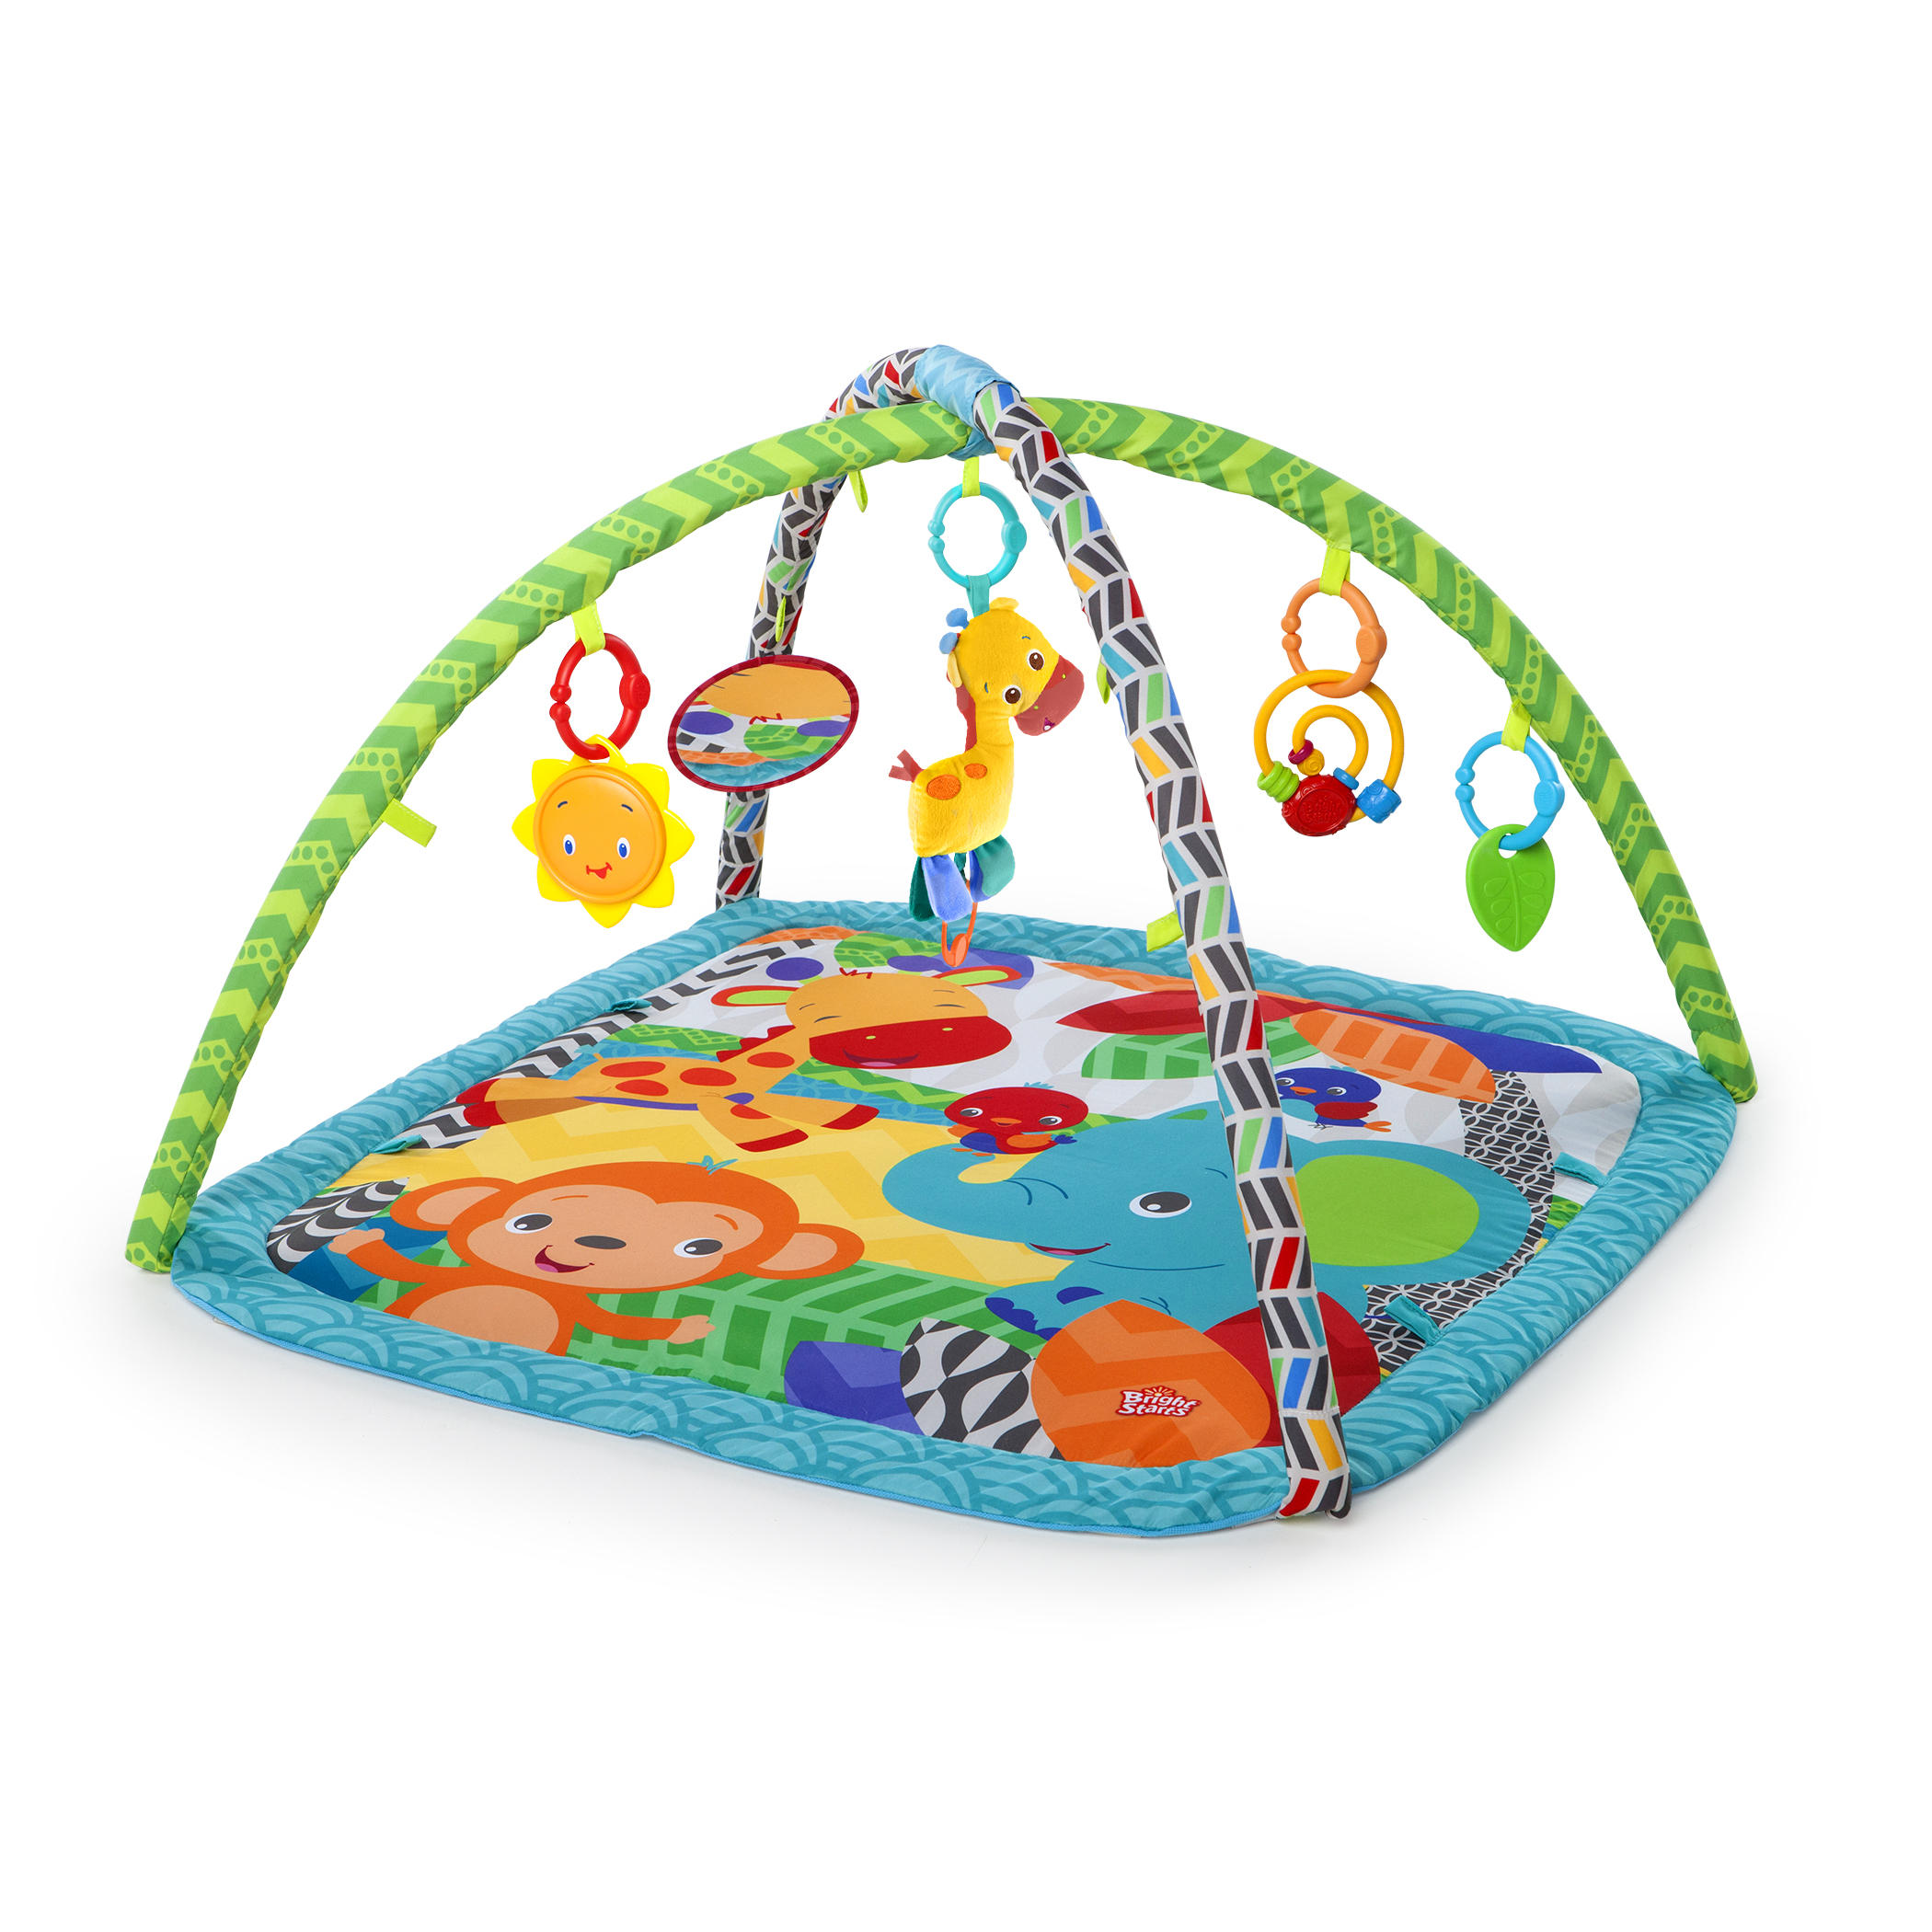 Zippy Zoo™ Activity Gym